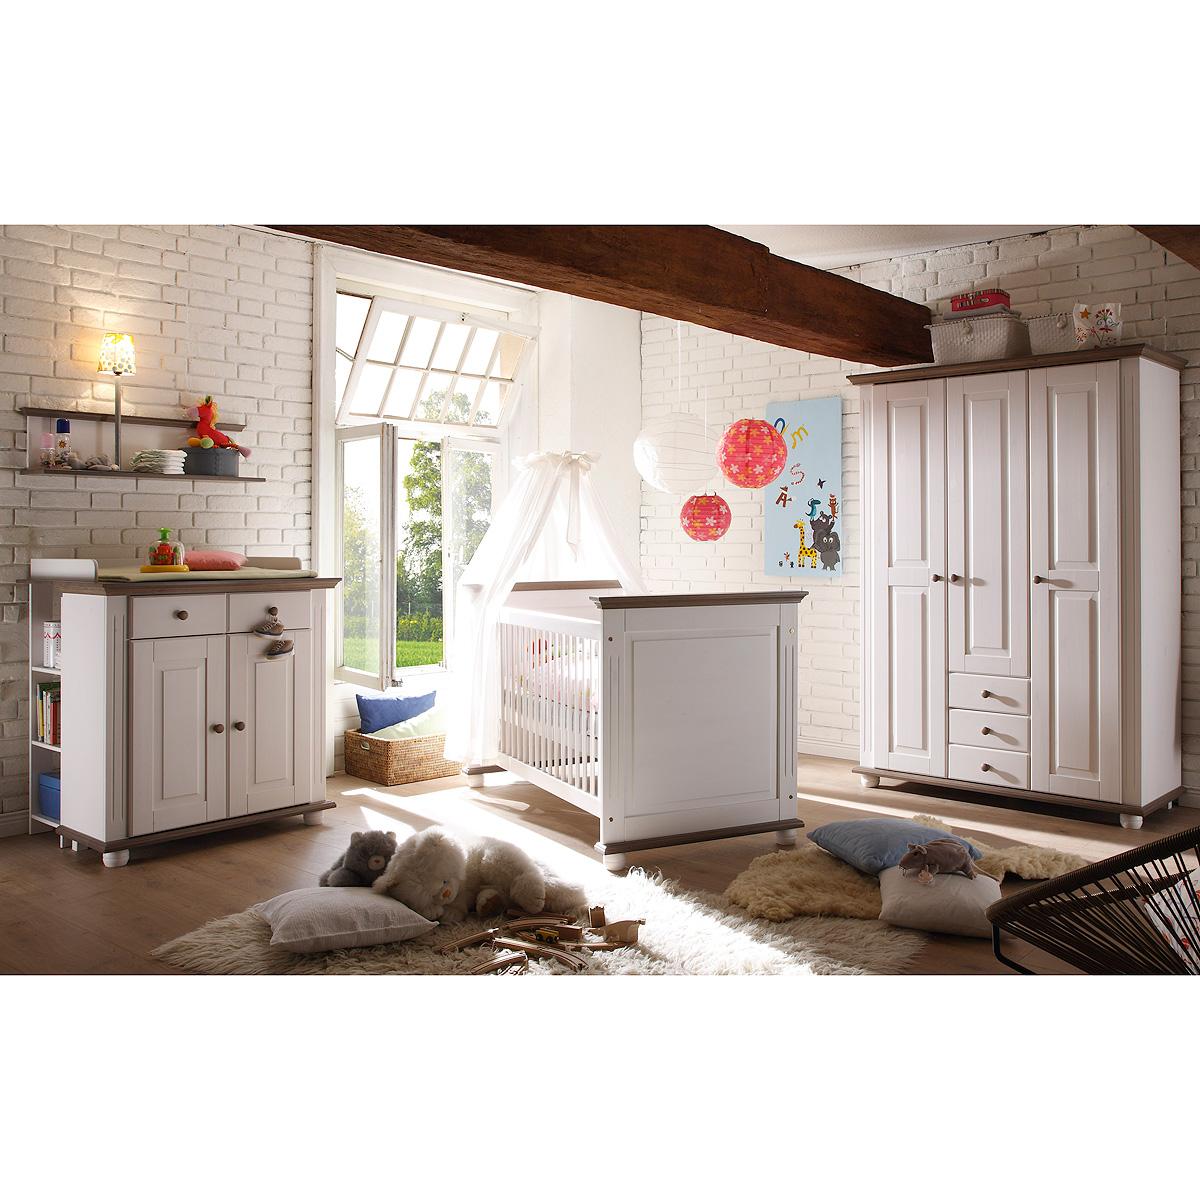 babyzimmer 3 laura kinderzimmer in kiefer massiv wei und lava. Black Bedroom Furniture Sets. Home Design Ideas